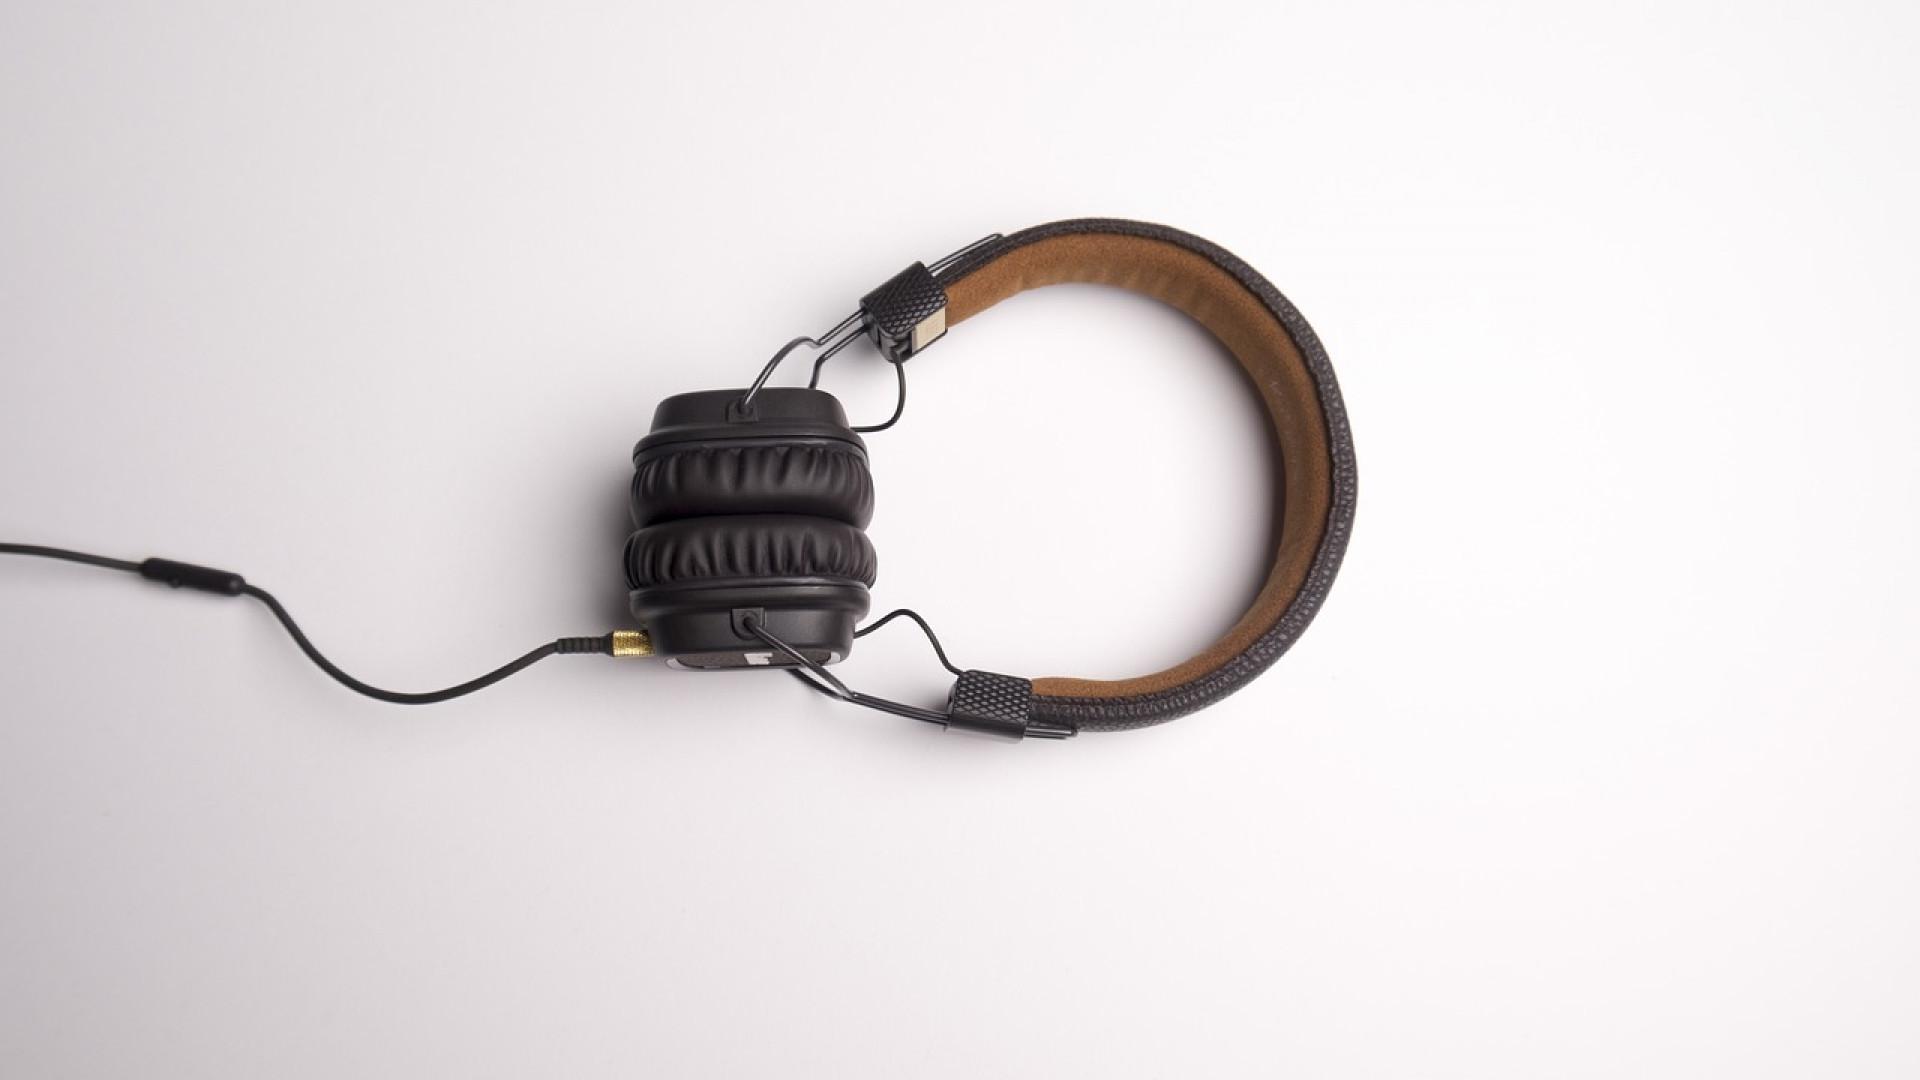 Quels sont les critères de choix d'un casque anti-bruit